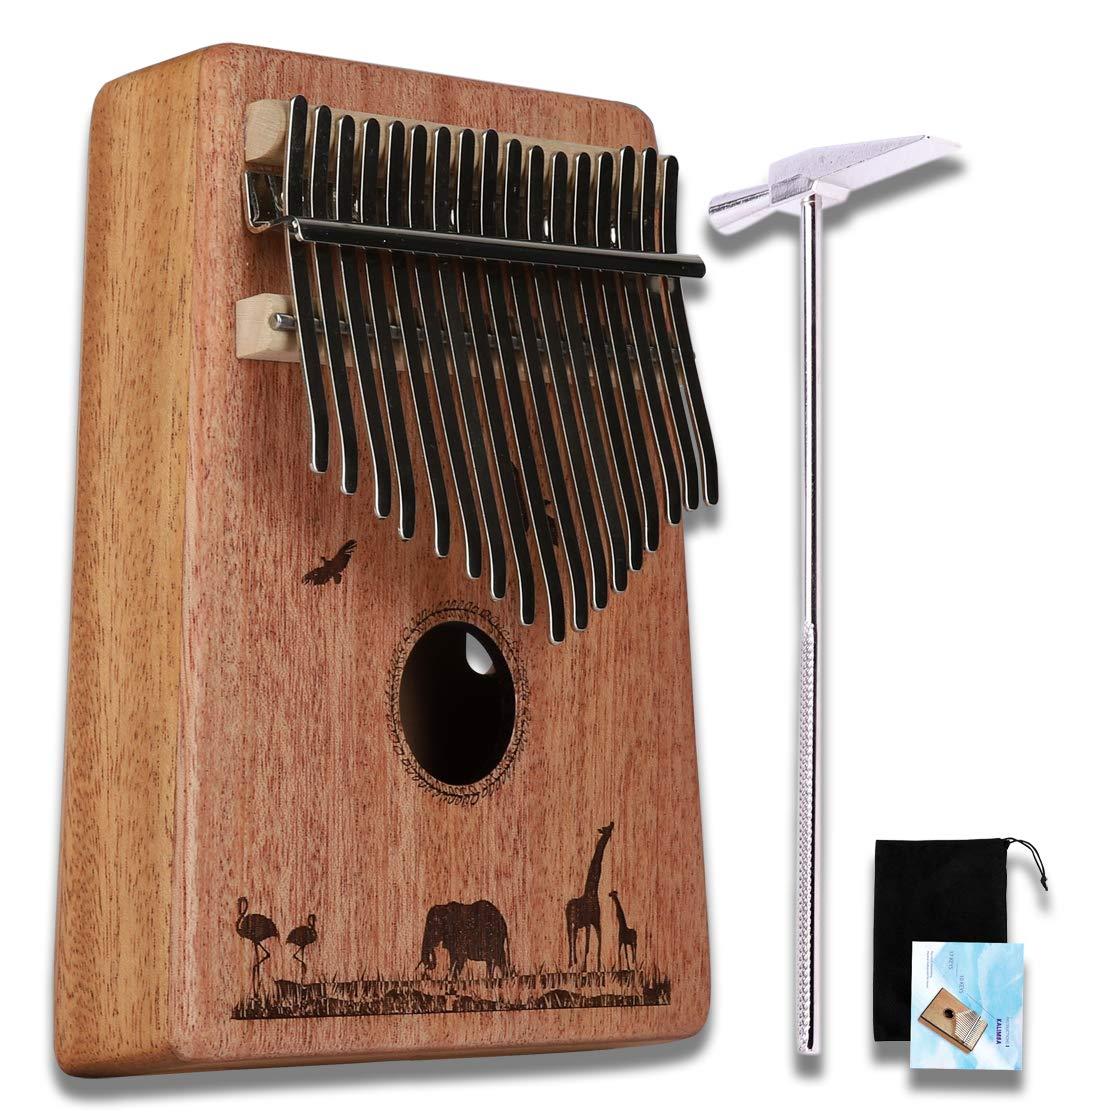 17 Key Kalimba VK-1706 Thumb Piano Solid Finger Piano Mahogany Body with Case - Elephant & Rhino UBETA